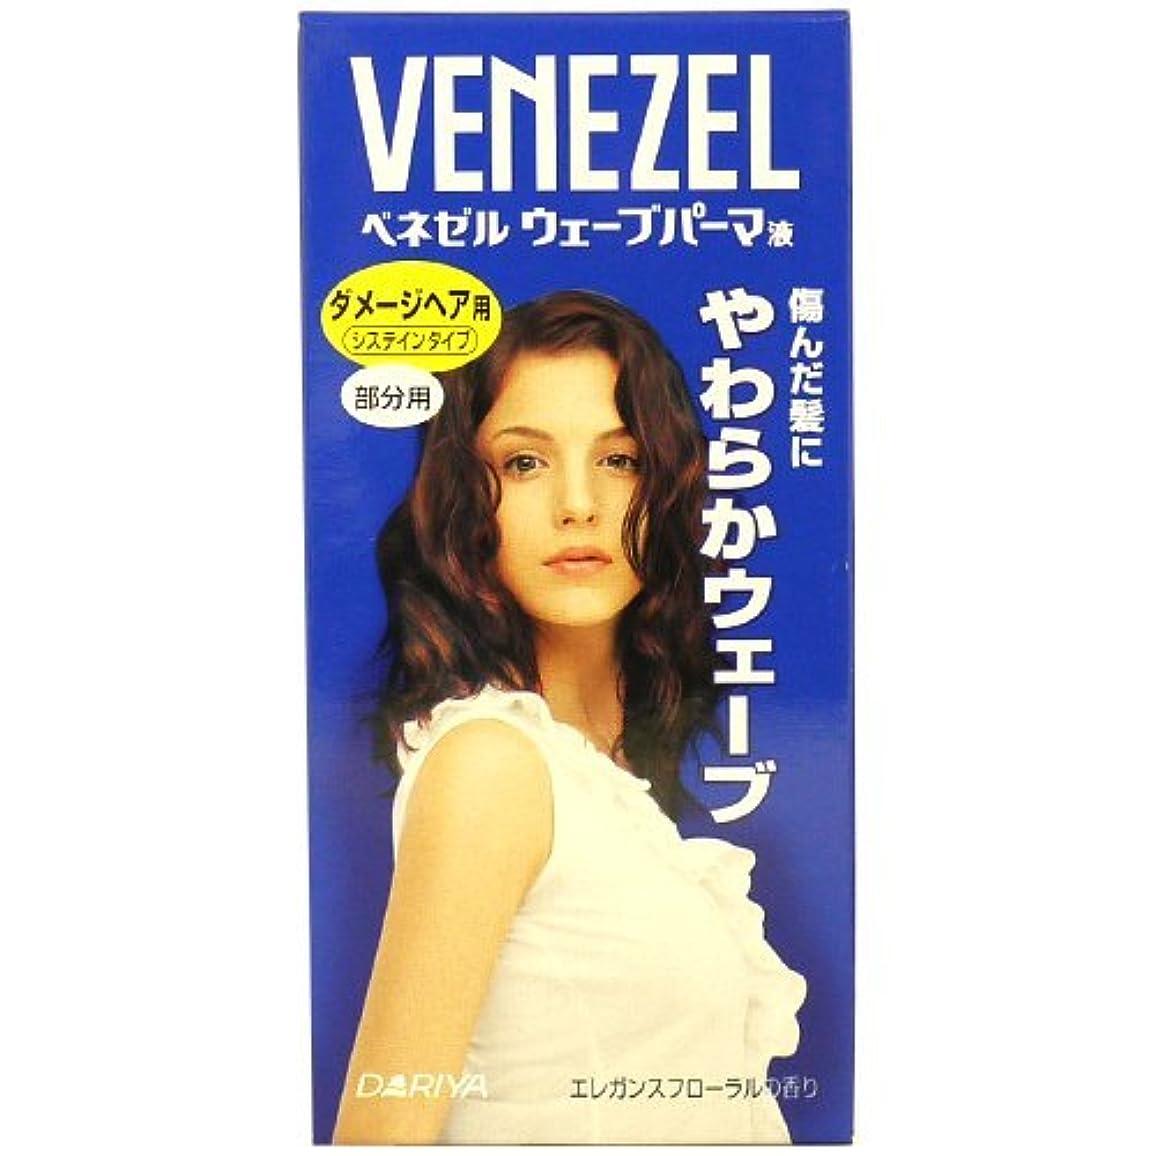 取り扱いカメラ販売員ダリヤ ベネゼル ウェーブパーマ液 ダメージヘア用 部分用